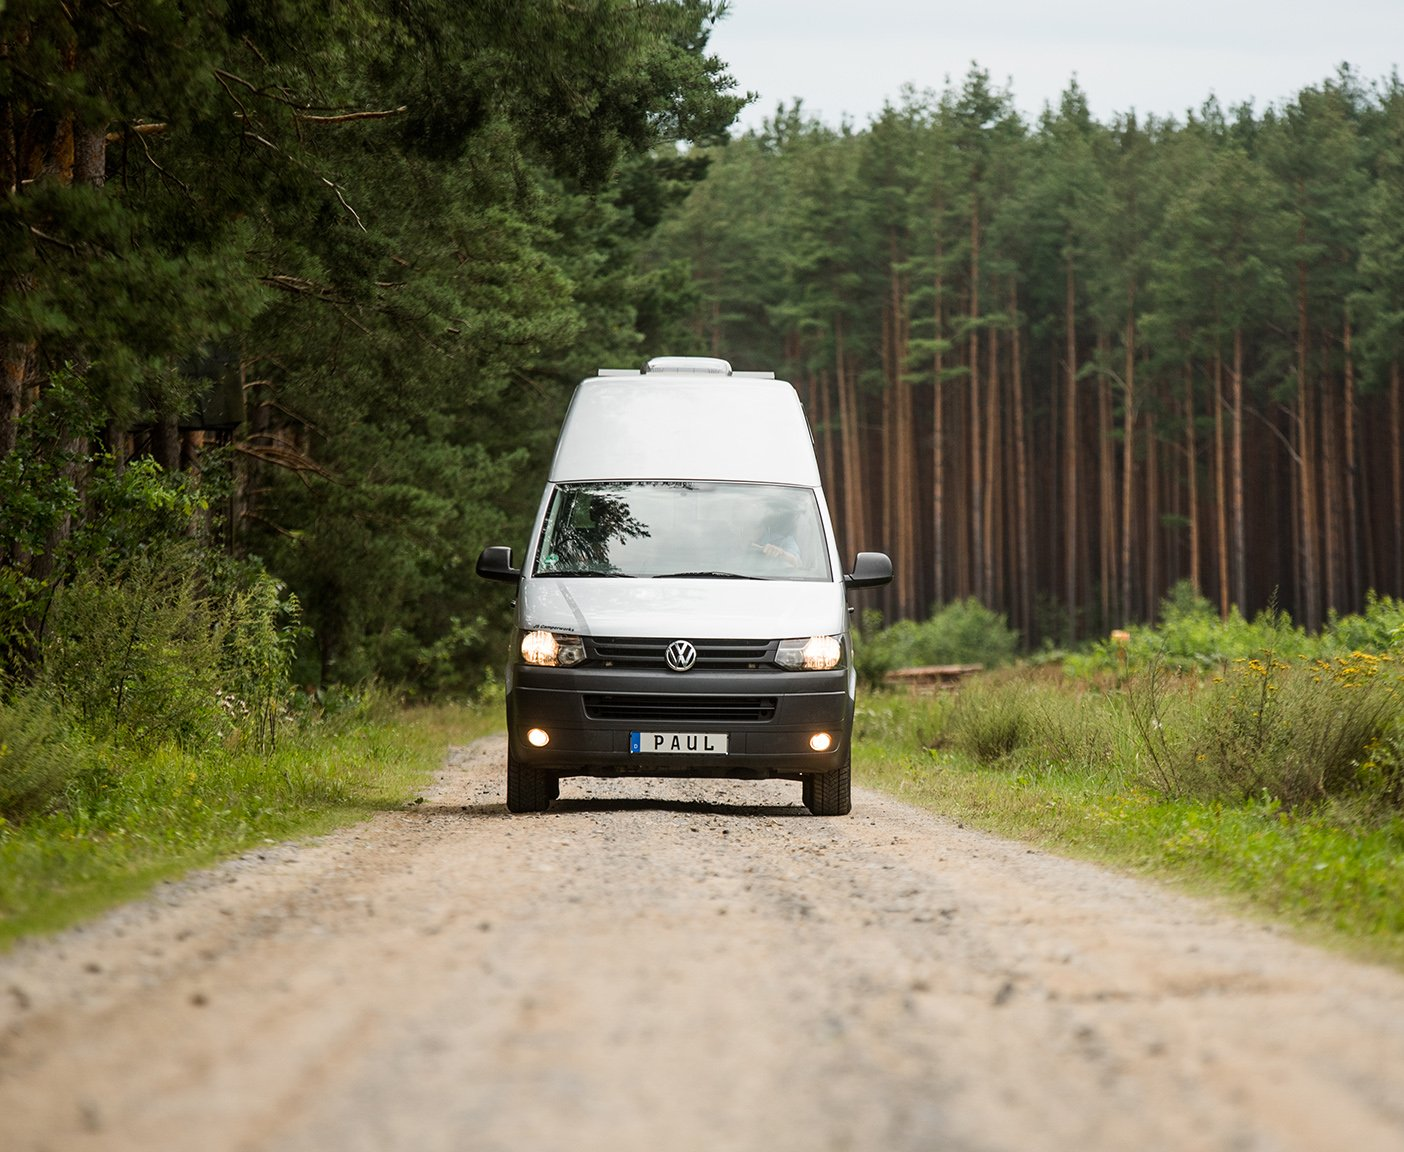 PaulCamper-Camper, Campingbus, Straße, Bäume, Paul